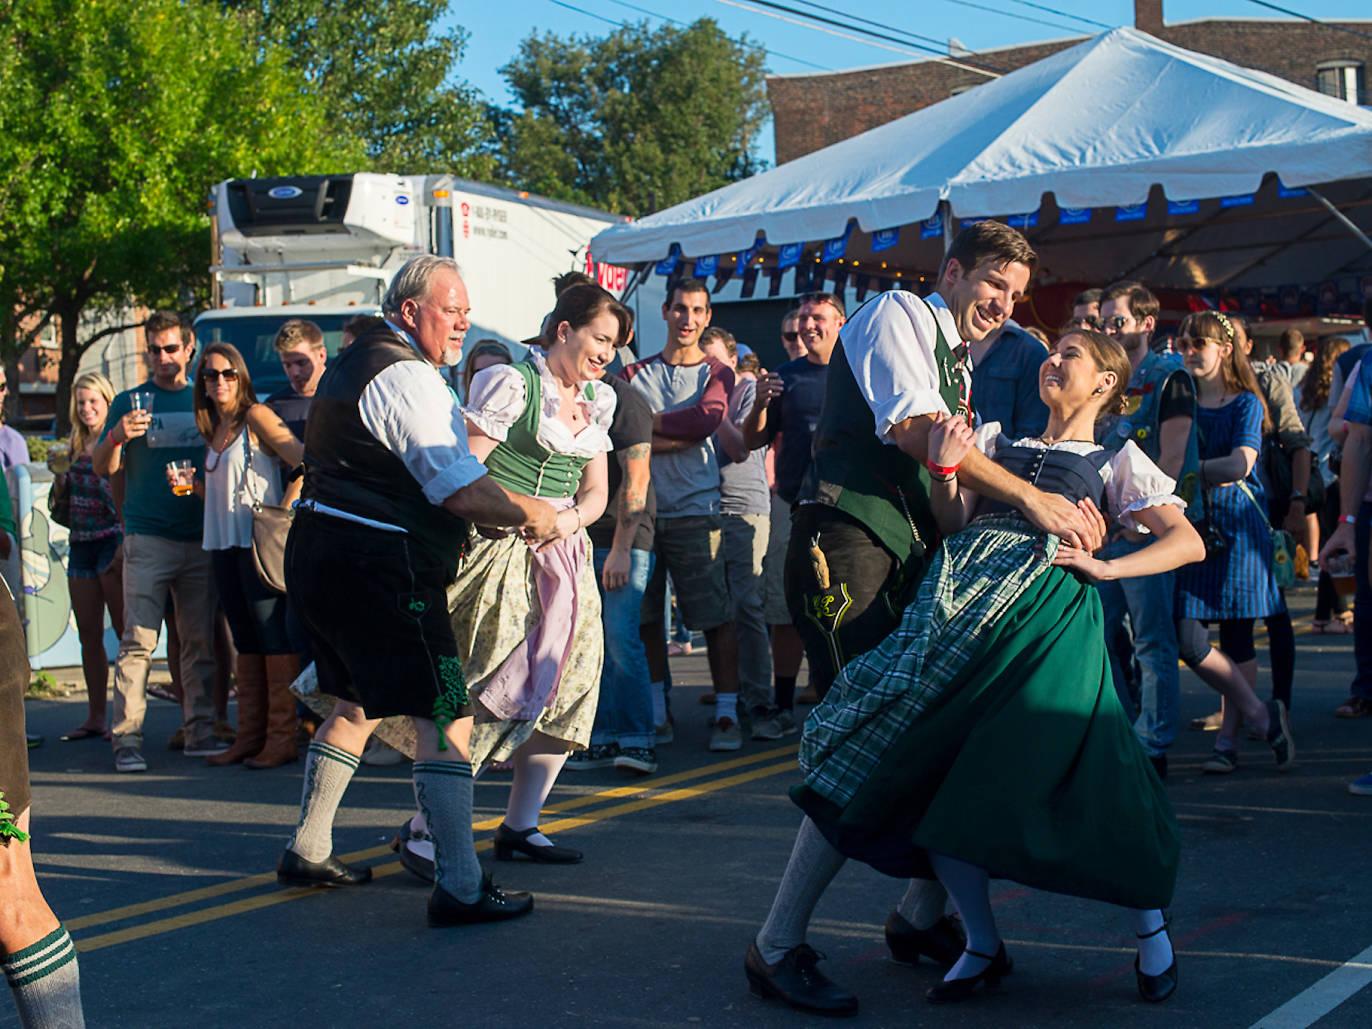 Frankford Hall Oktoberfest